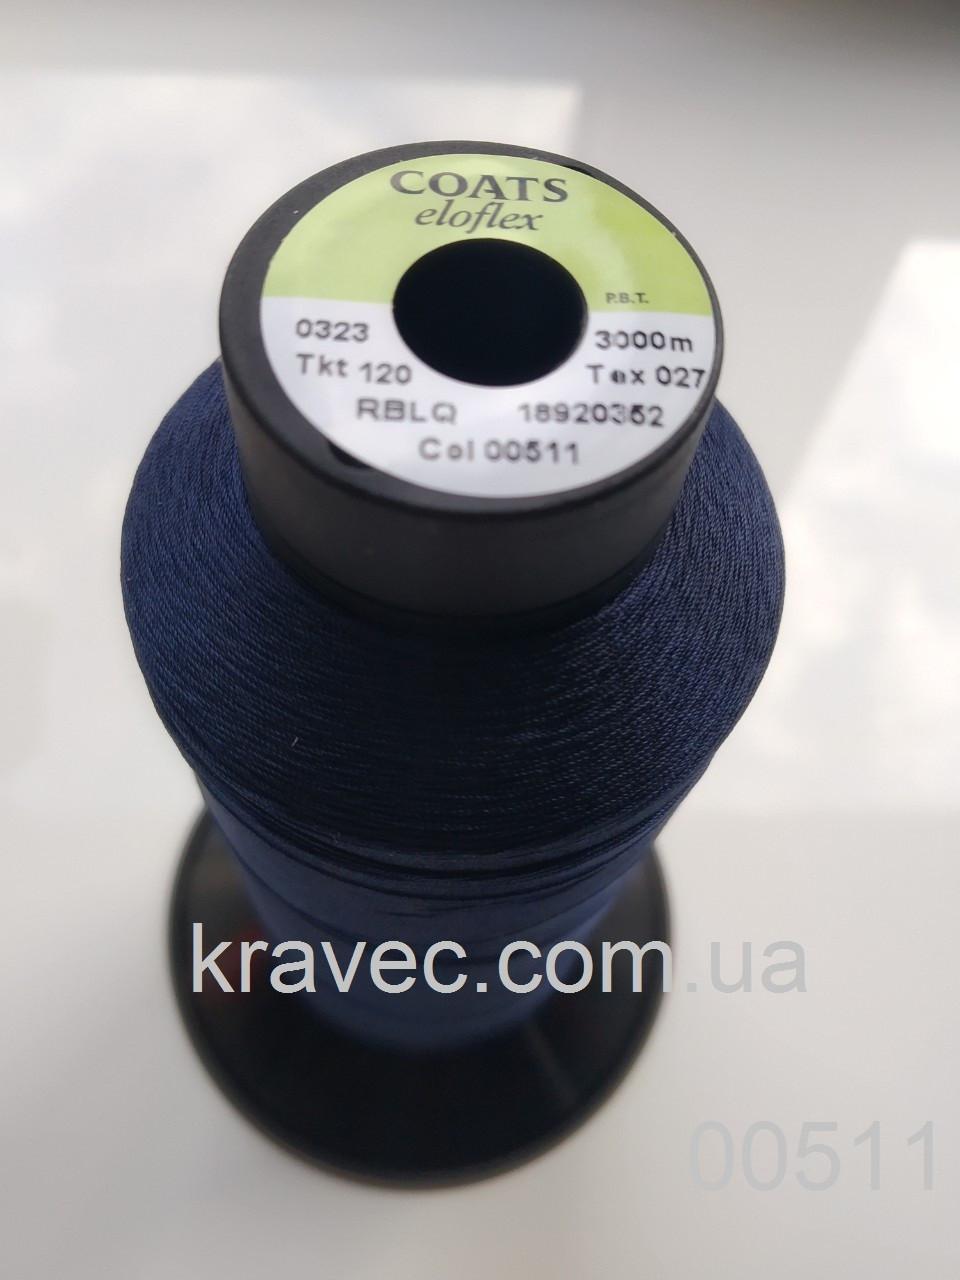 Coats eloflex 120/3000м /00511